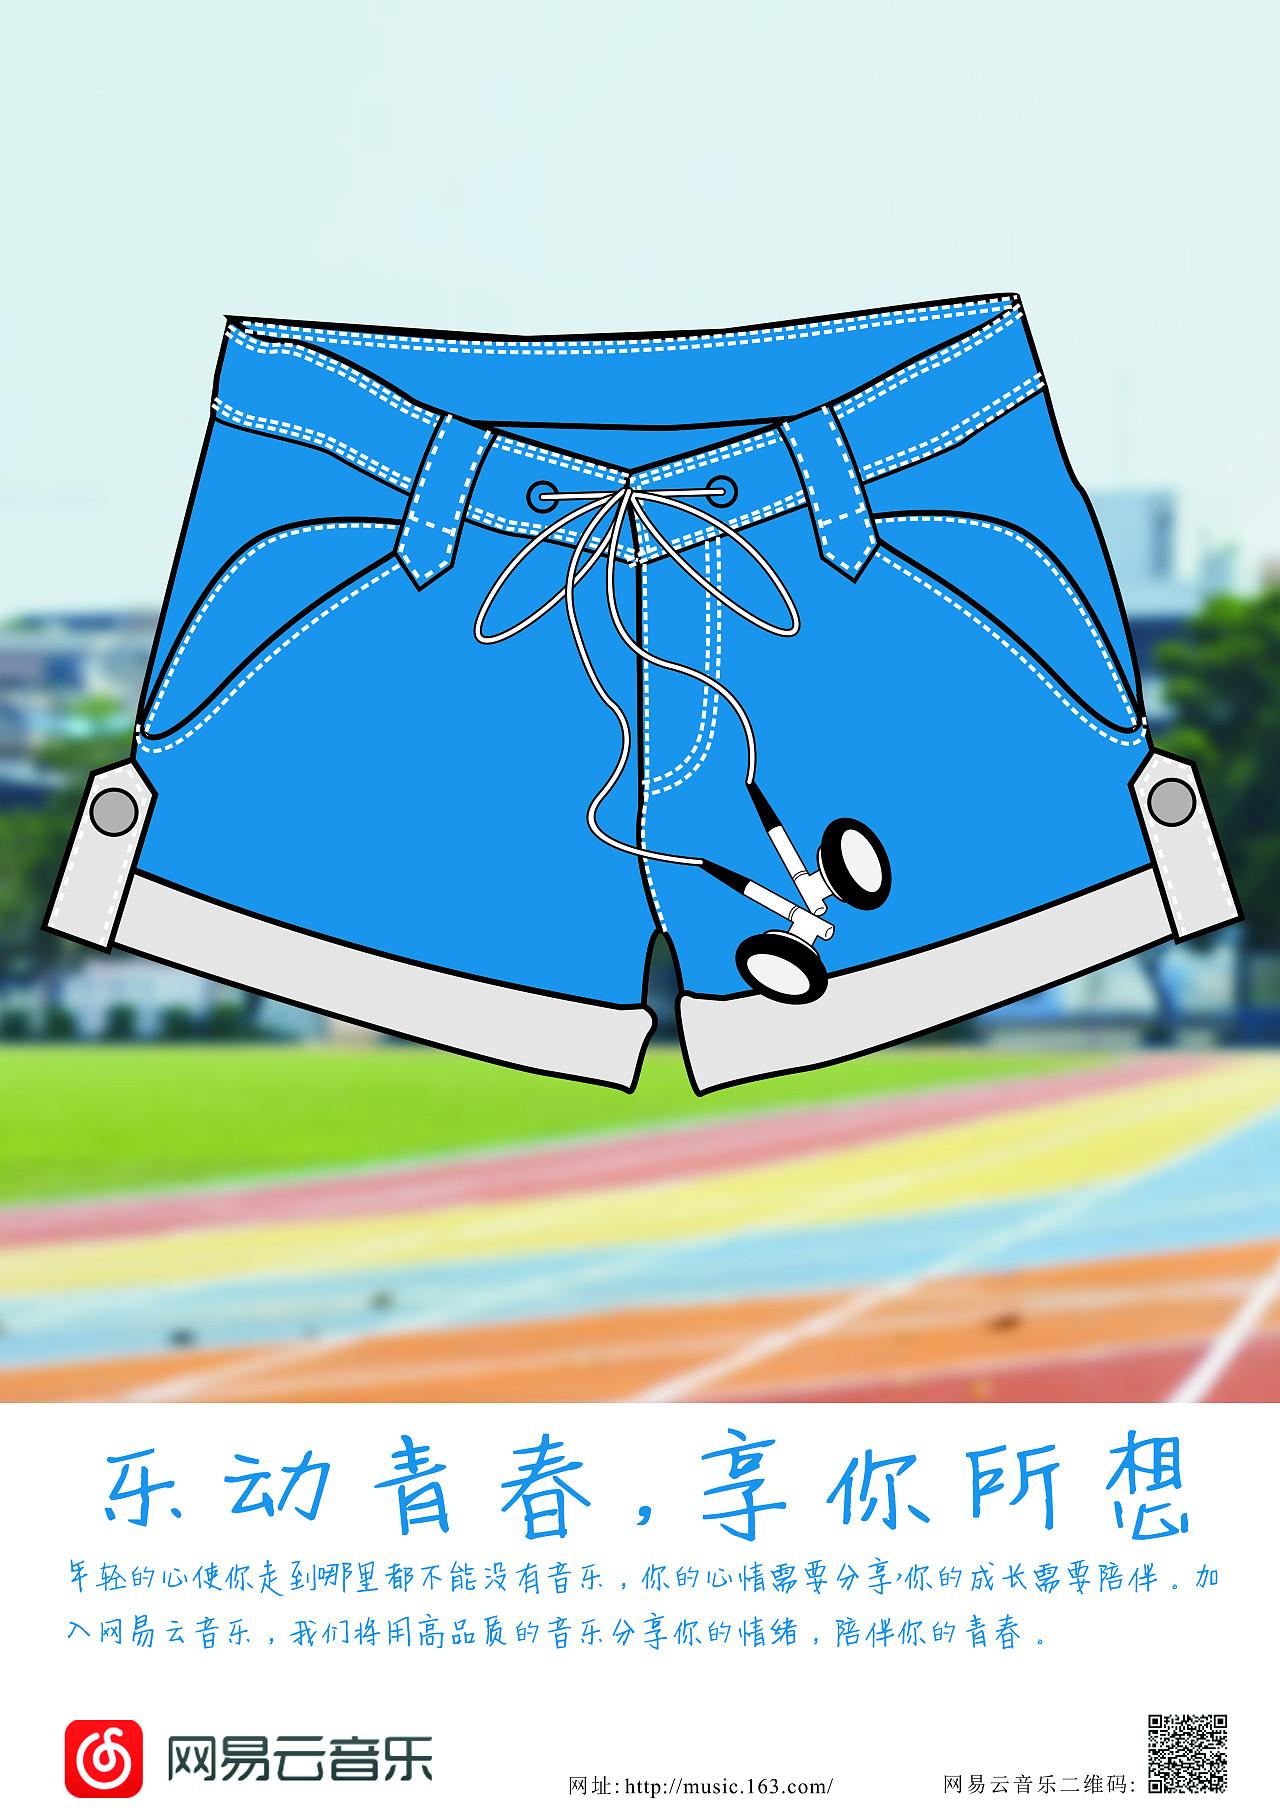 乐动青春,享你所想——裤子篇